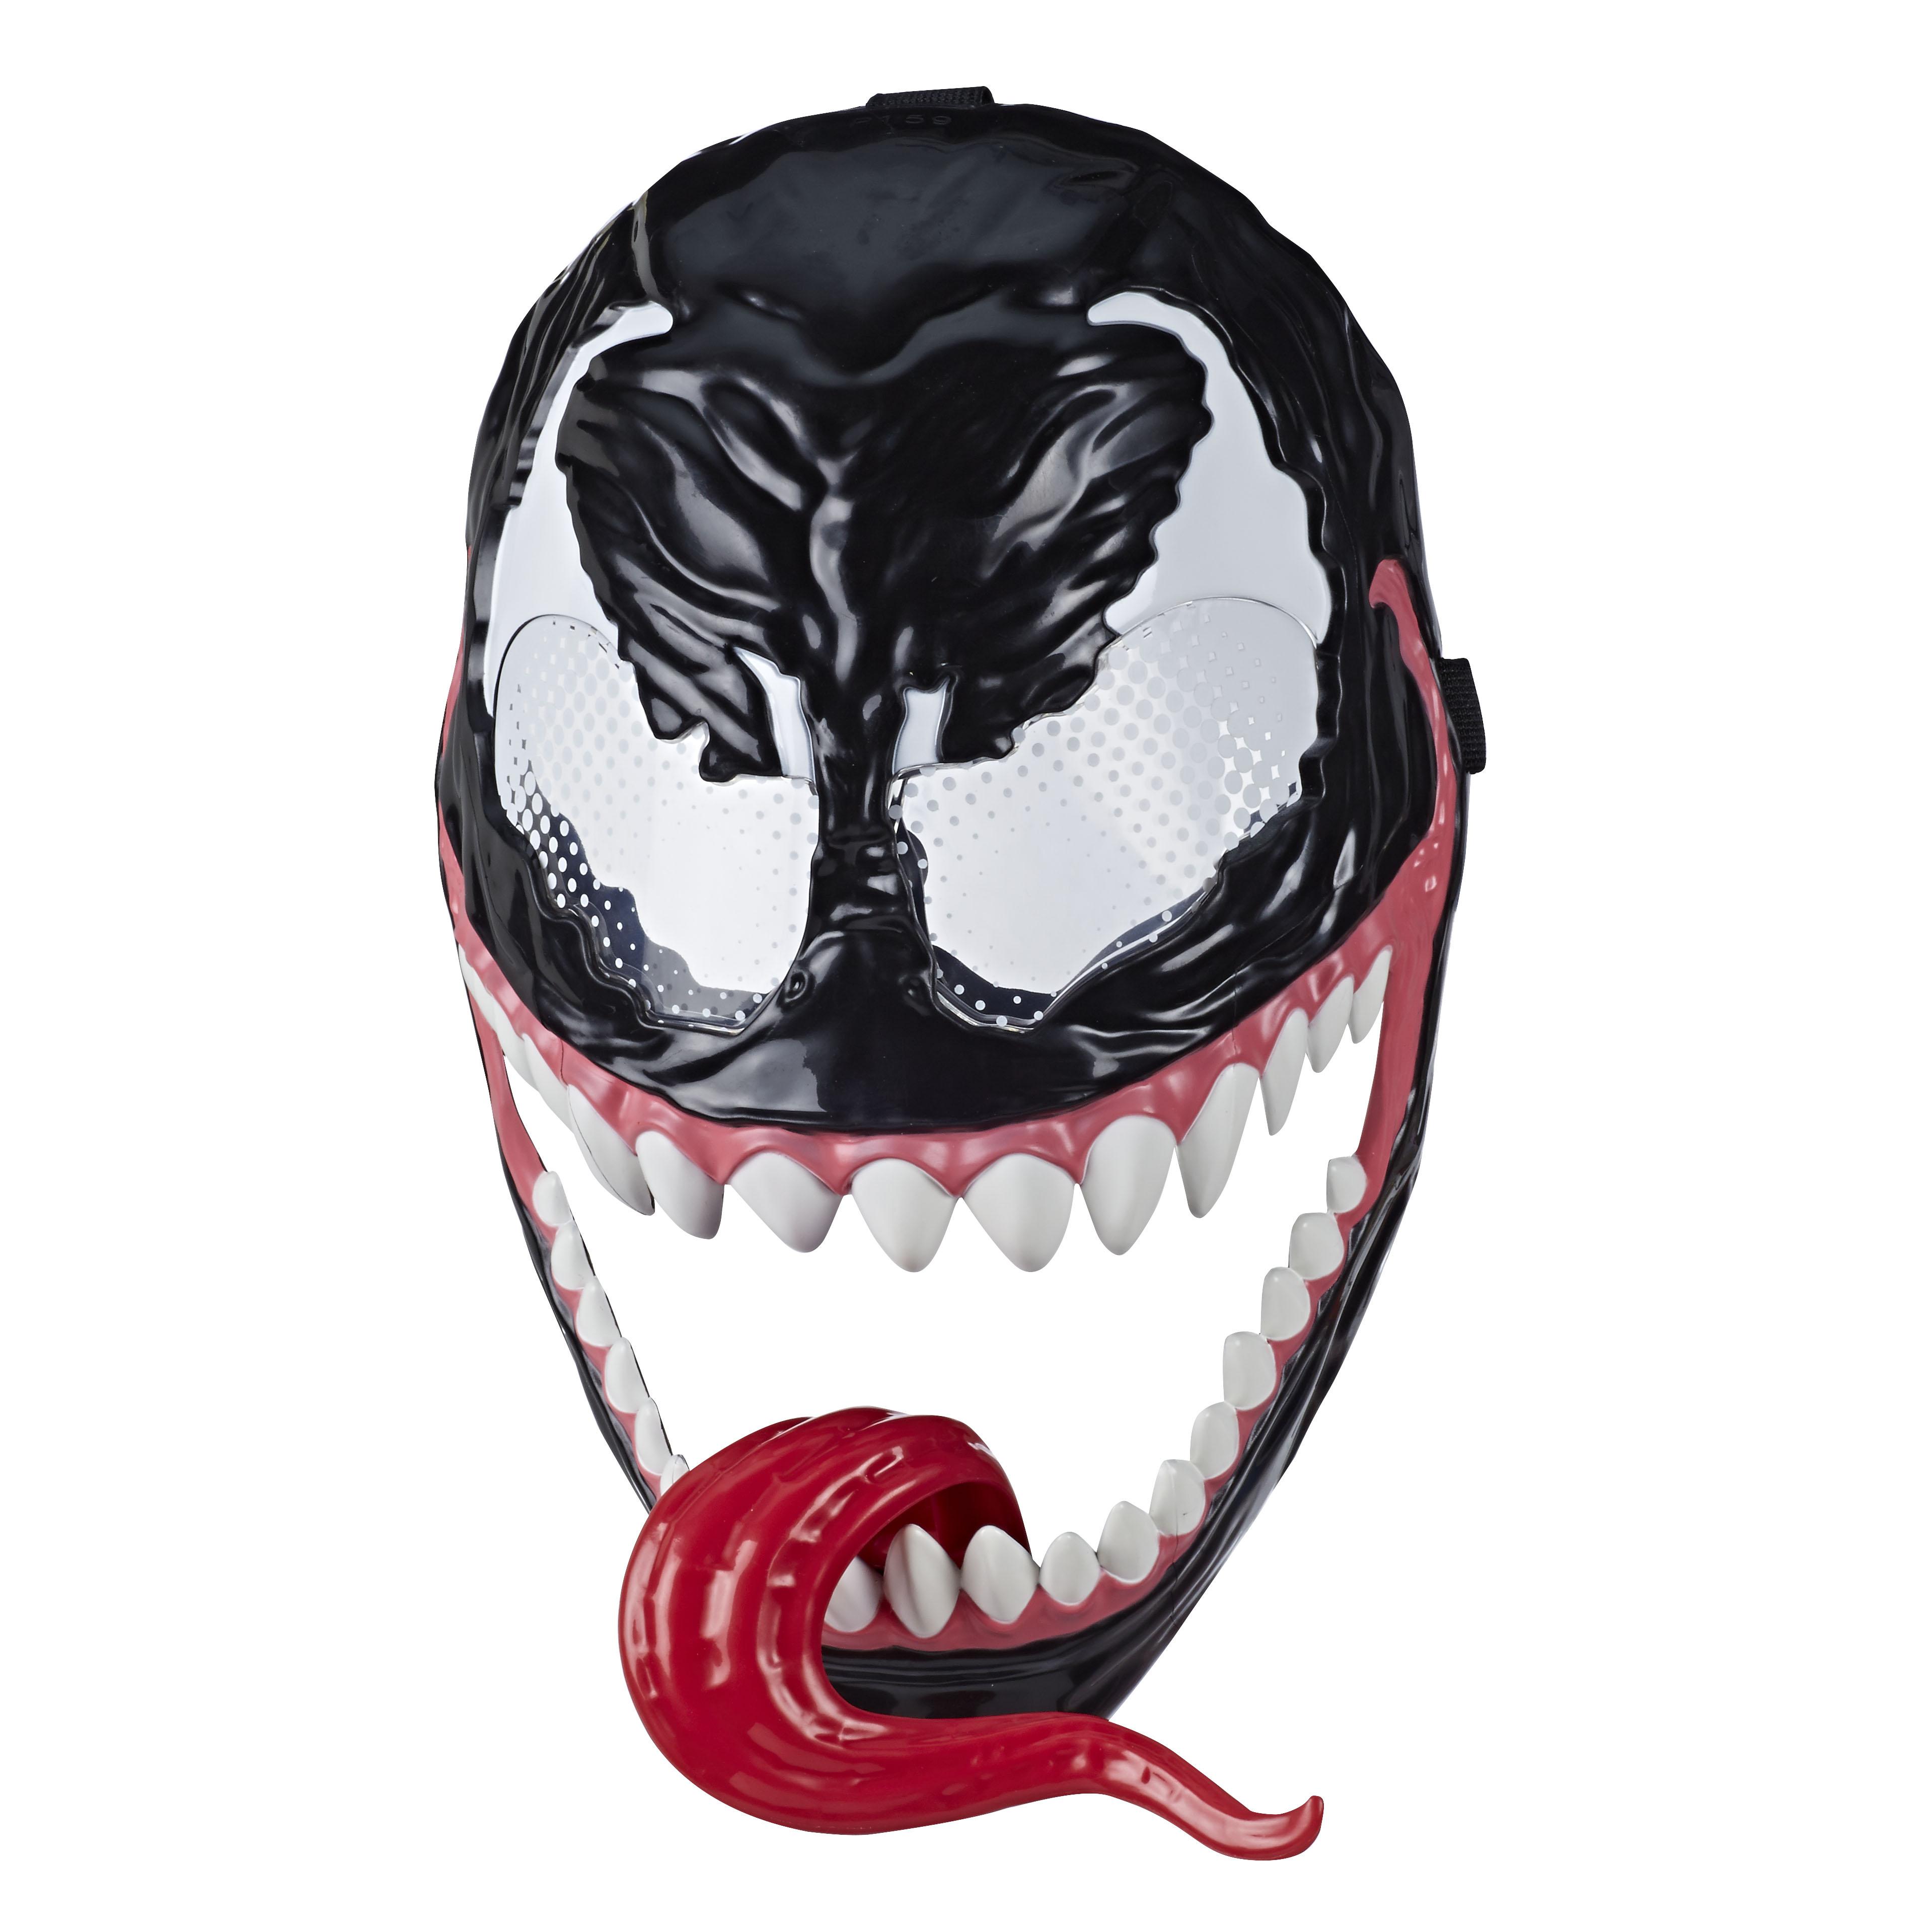 E86895L00 Venom mask main